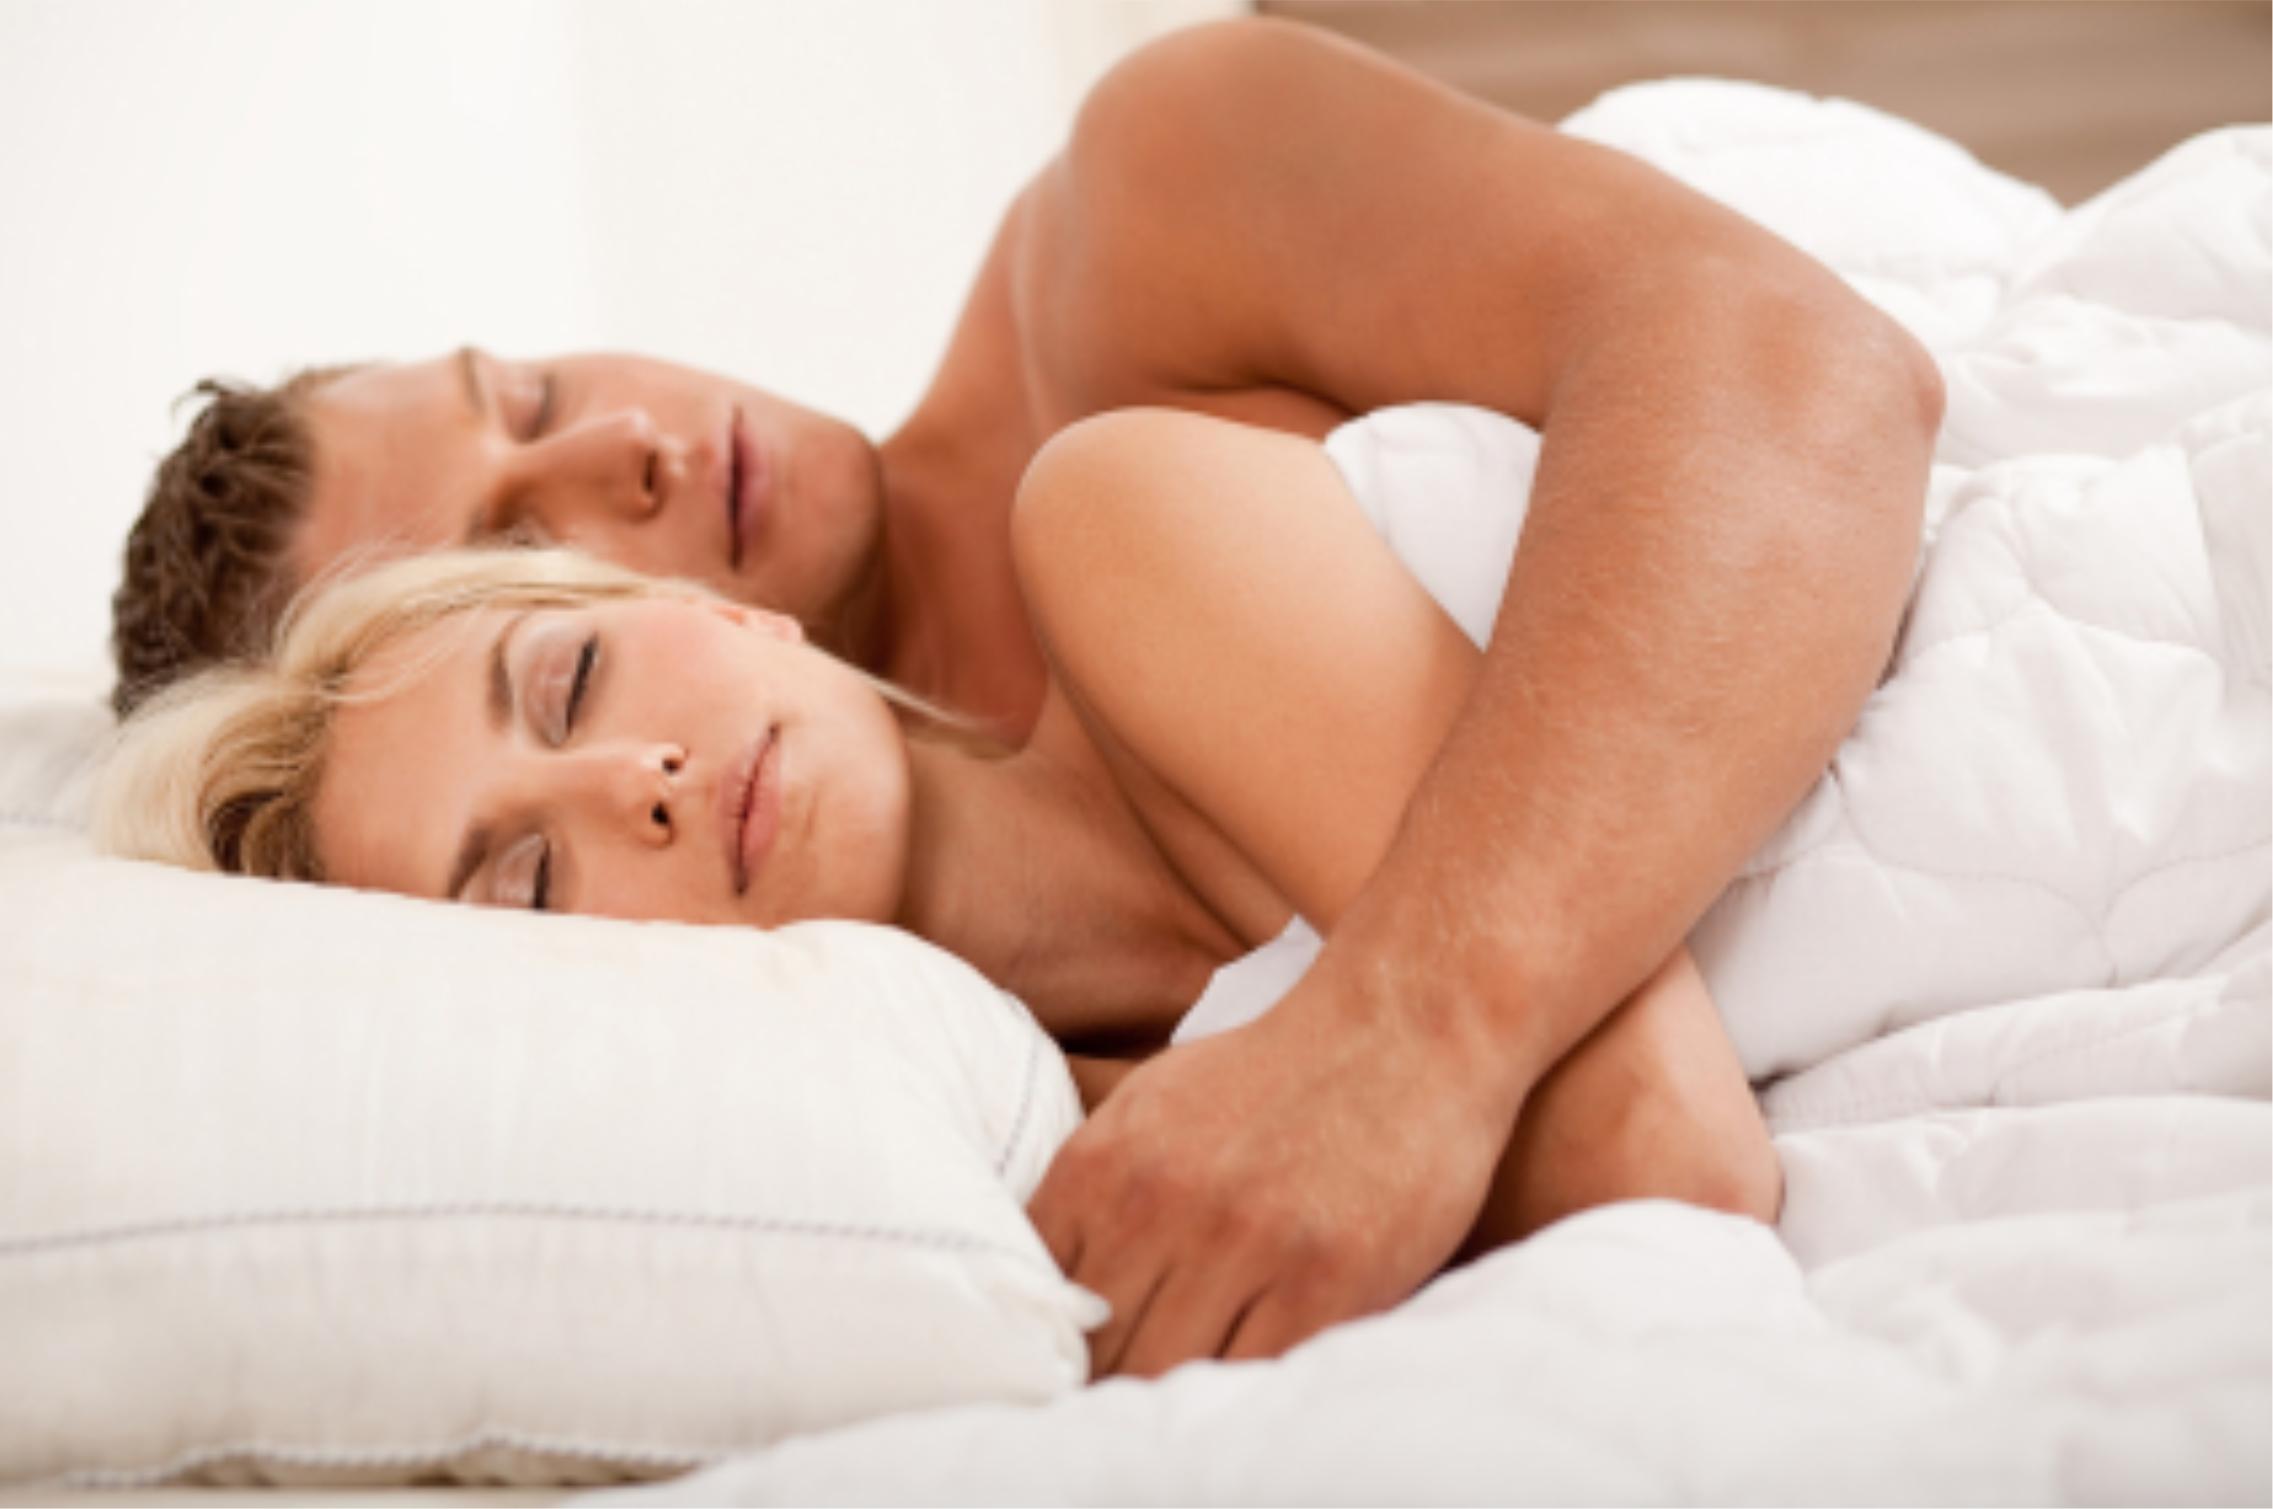 Couple sleeping lifestyle shot. Sleeping